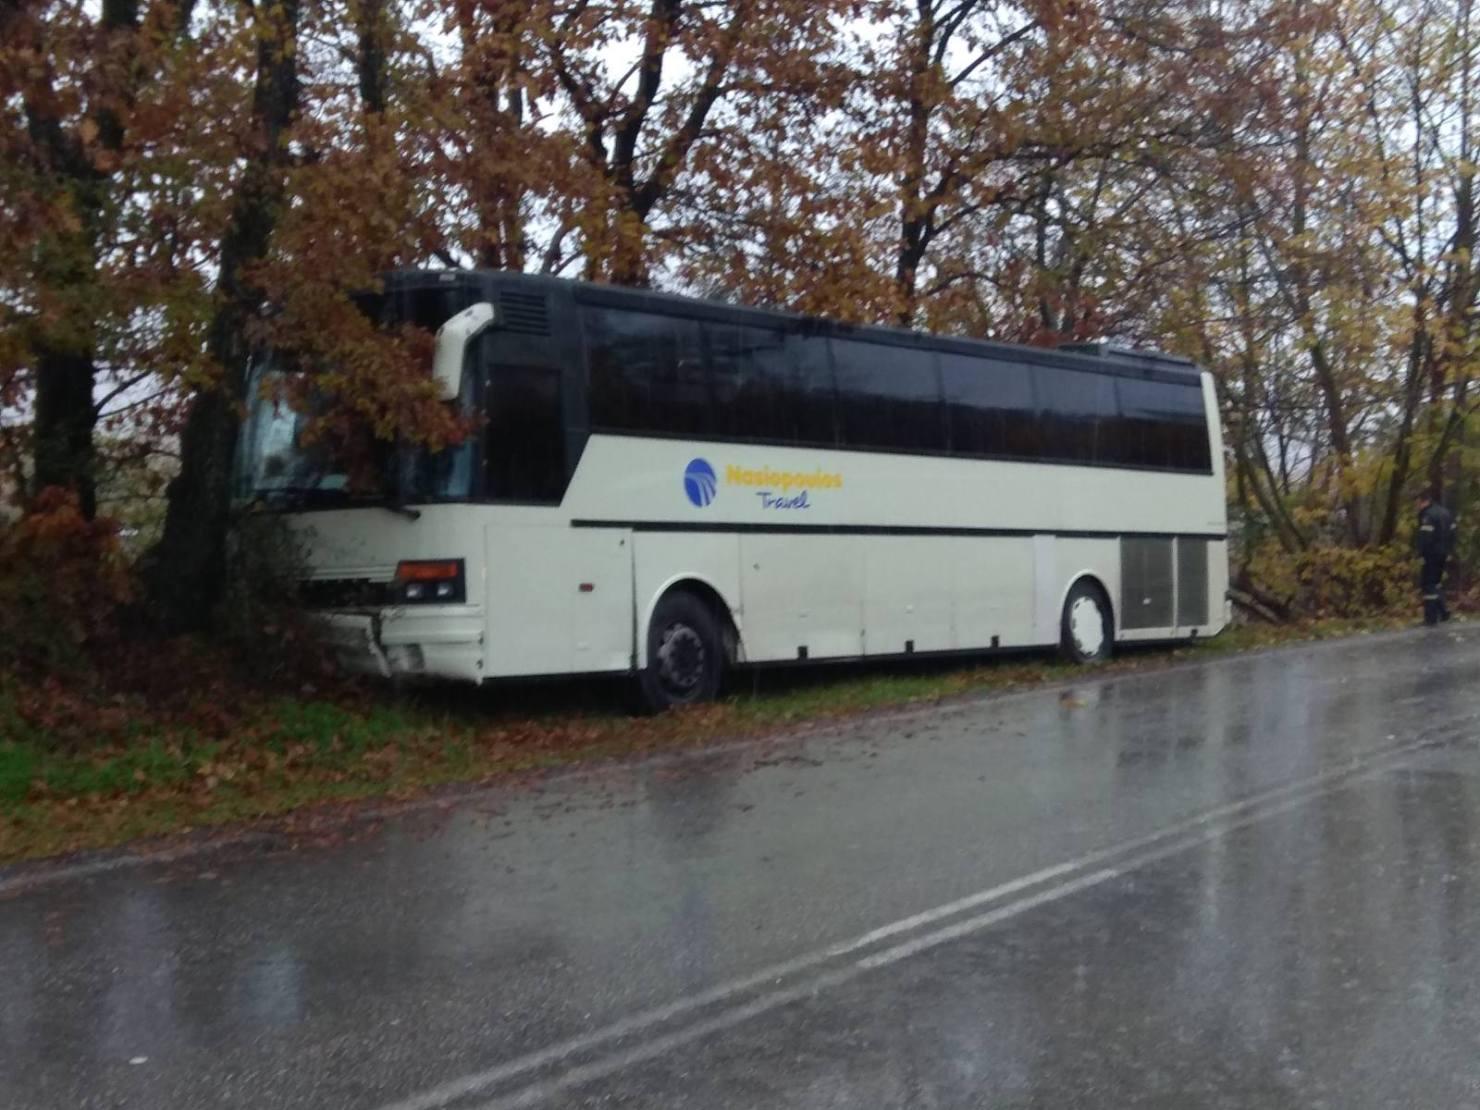 Εκτροπή λεωφορείου με 37 μαθητές έξω απ' την Καλαμπάκα μετά από σύγκρουση